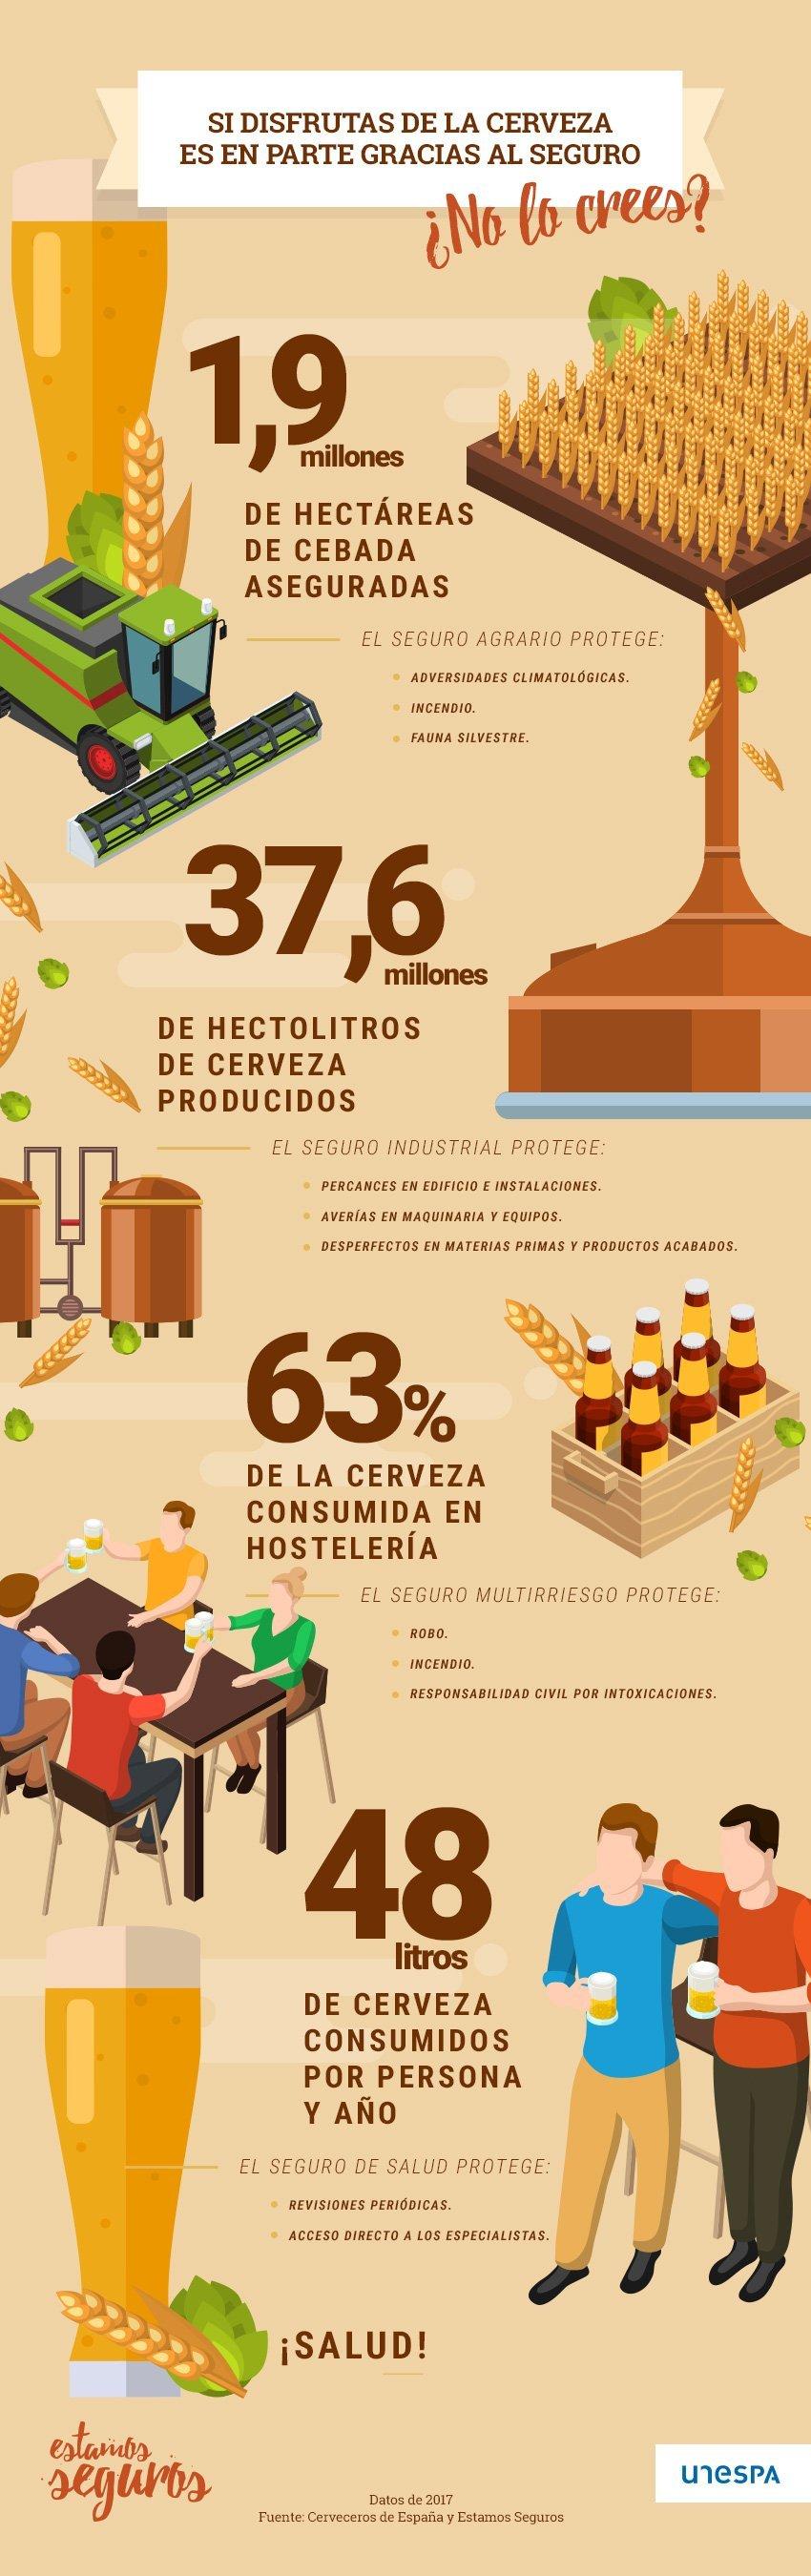 Cerveza segura